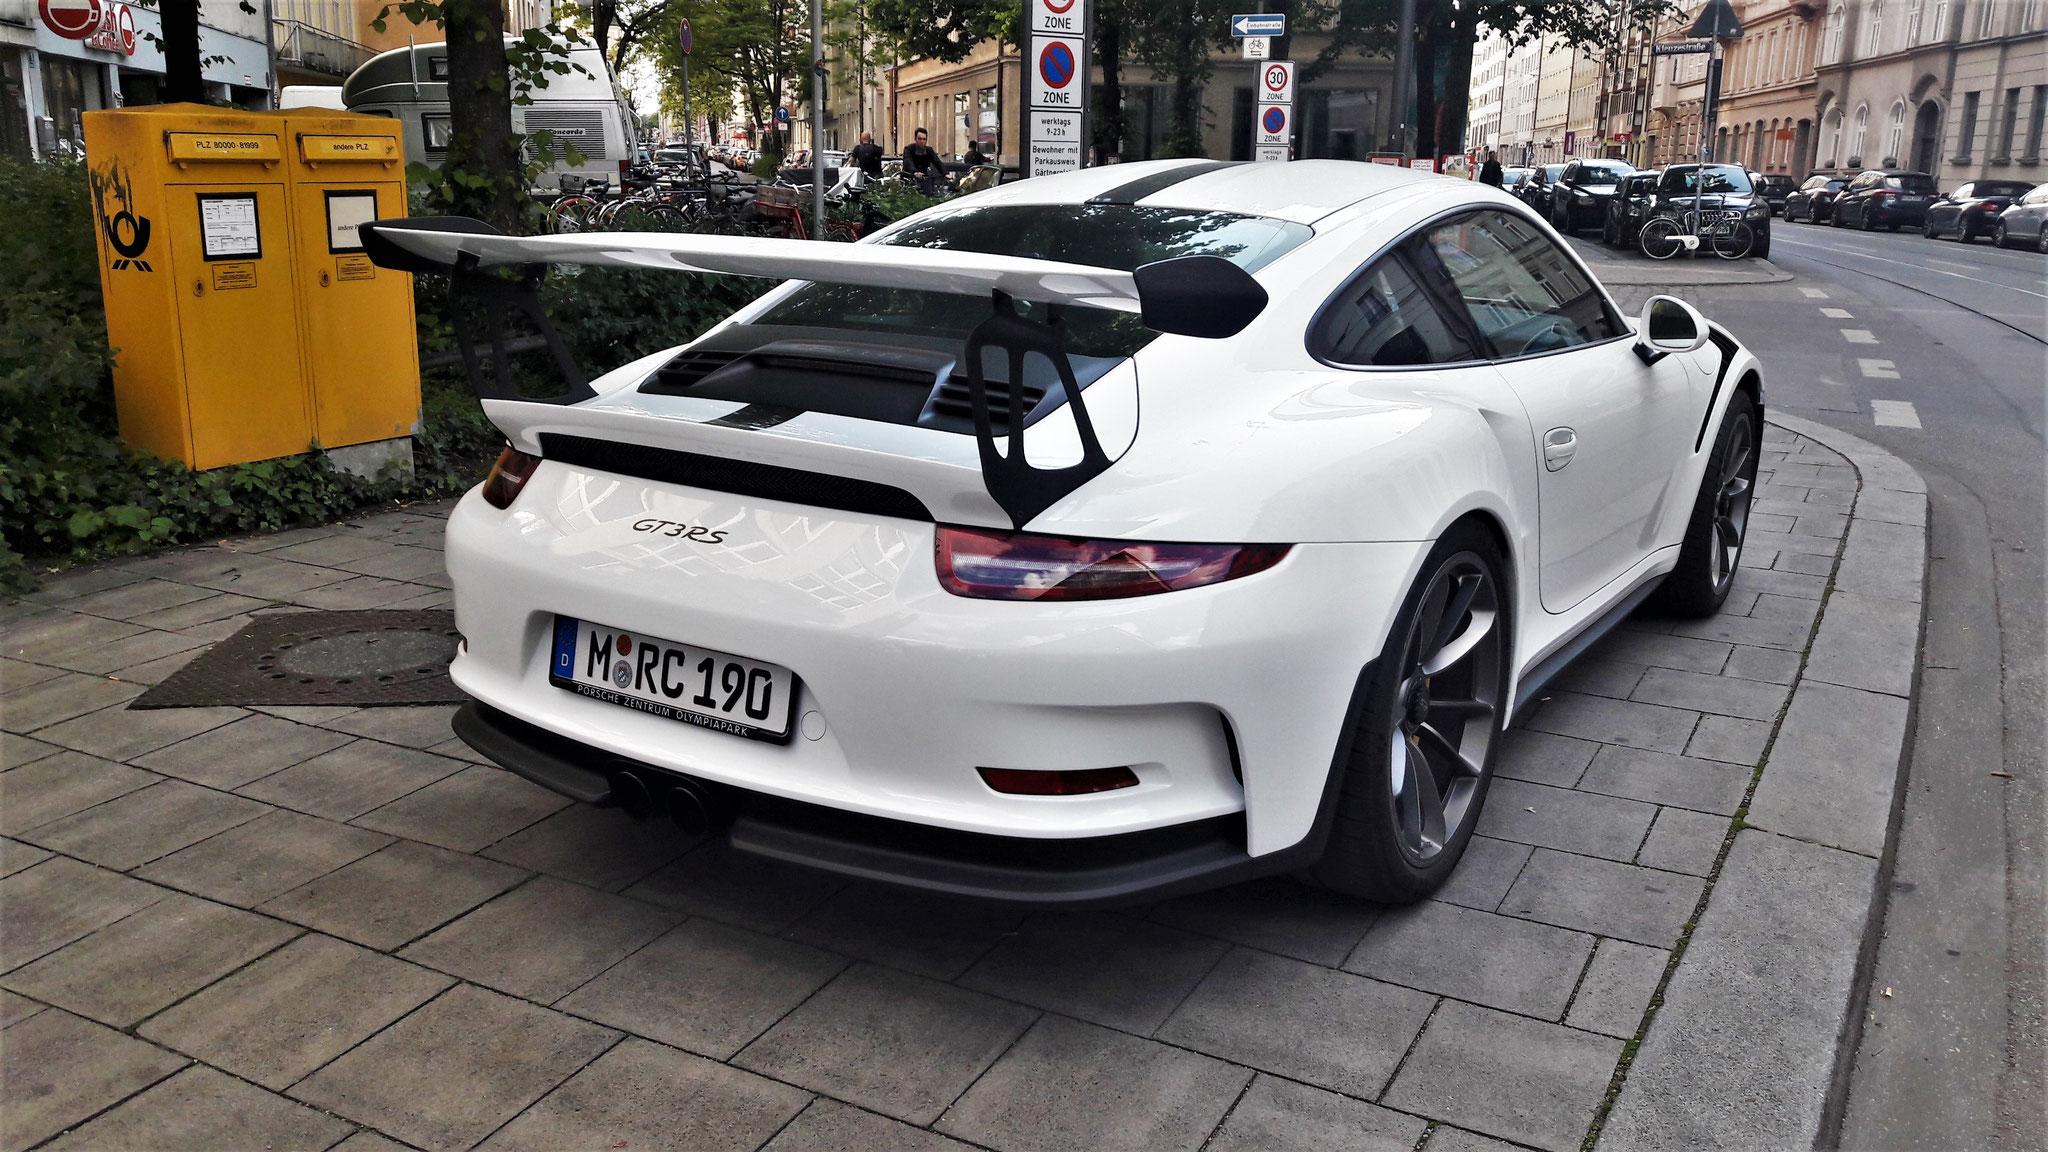 Porsche 911 GT3 RS - M-RC-190